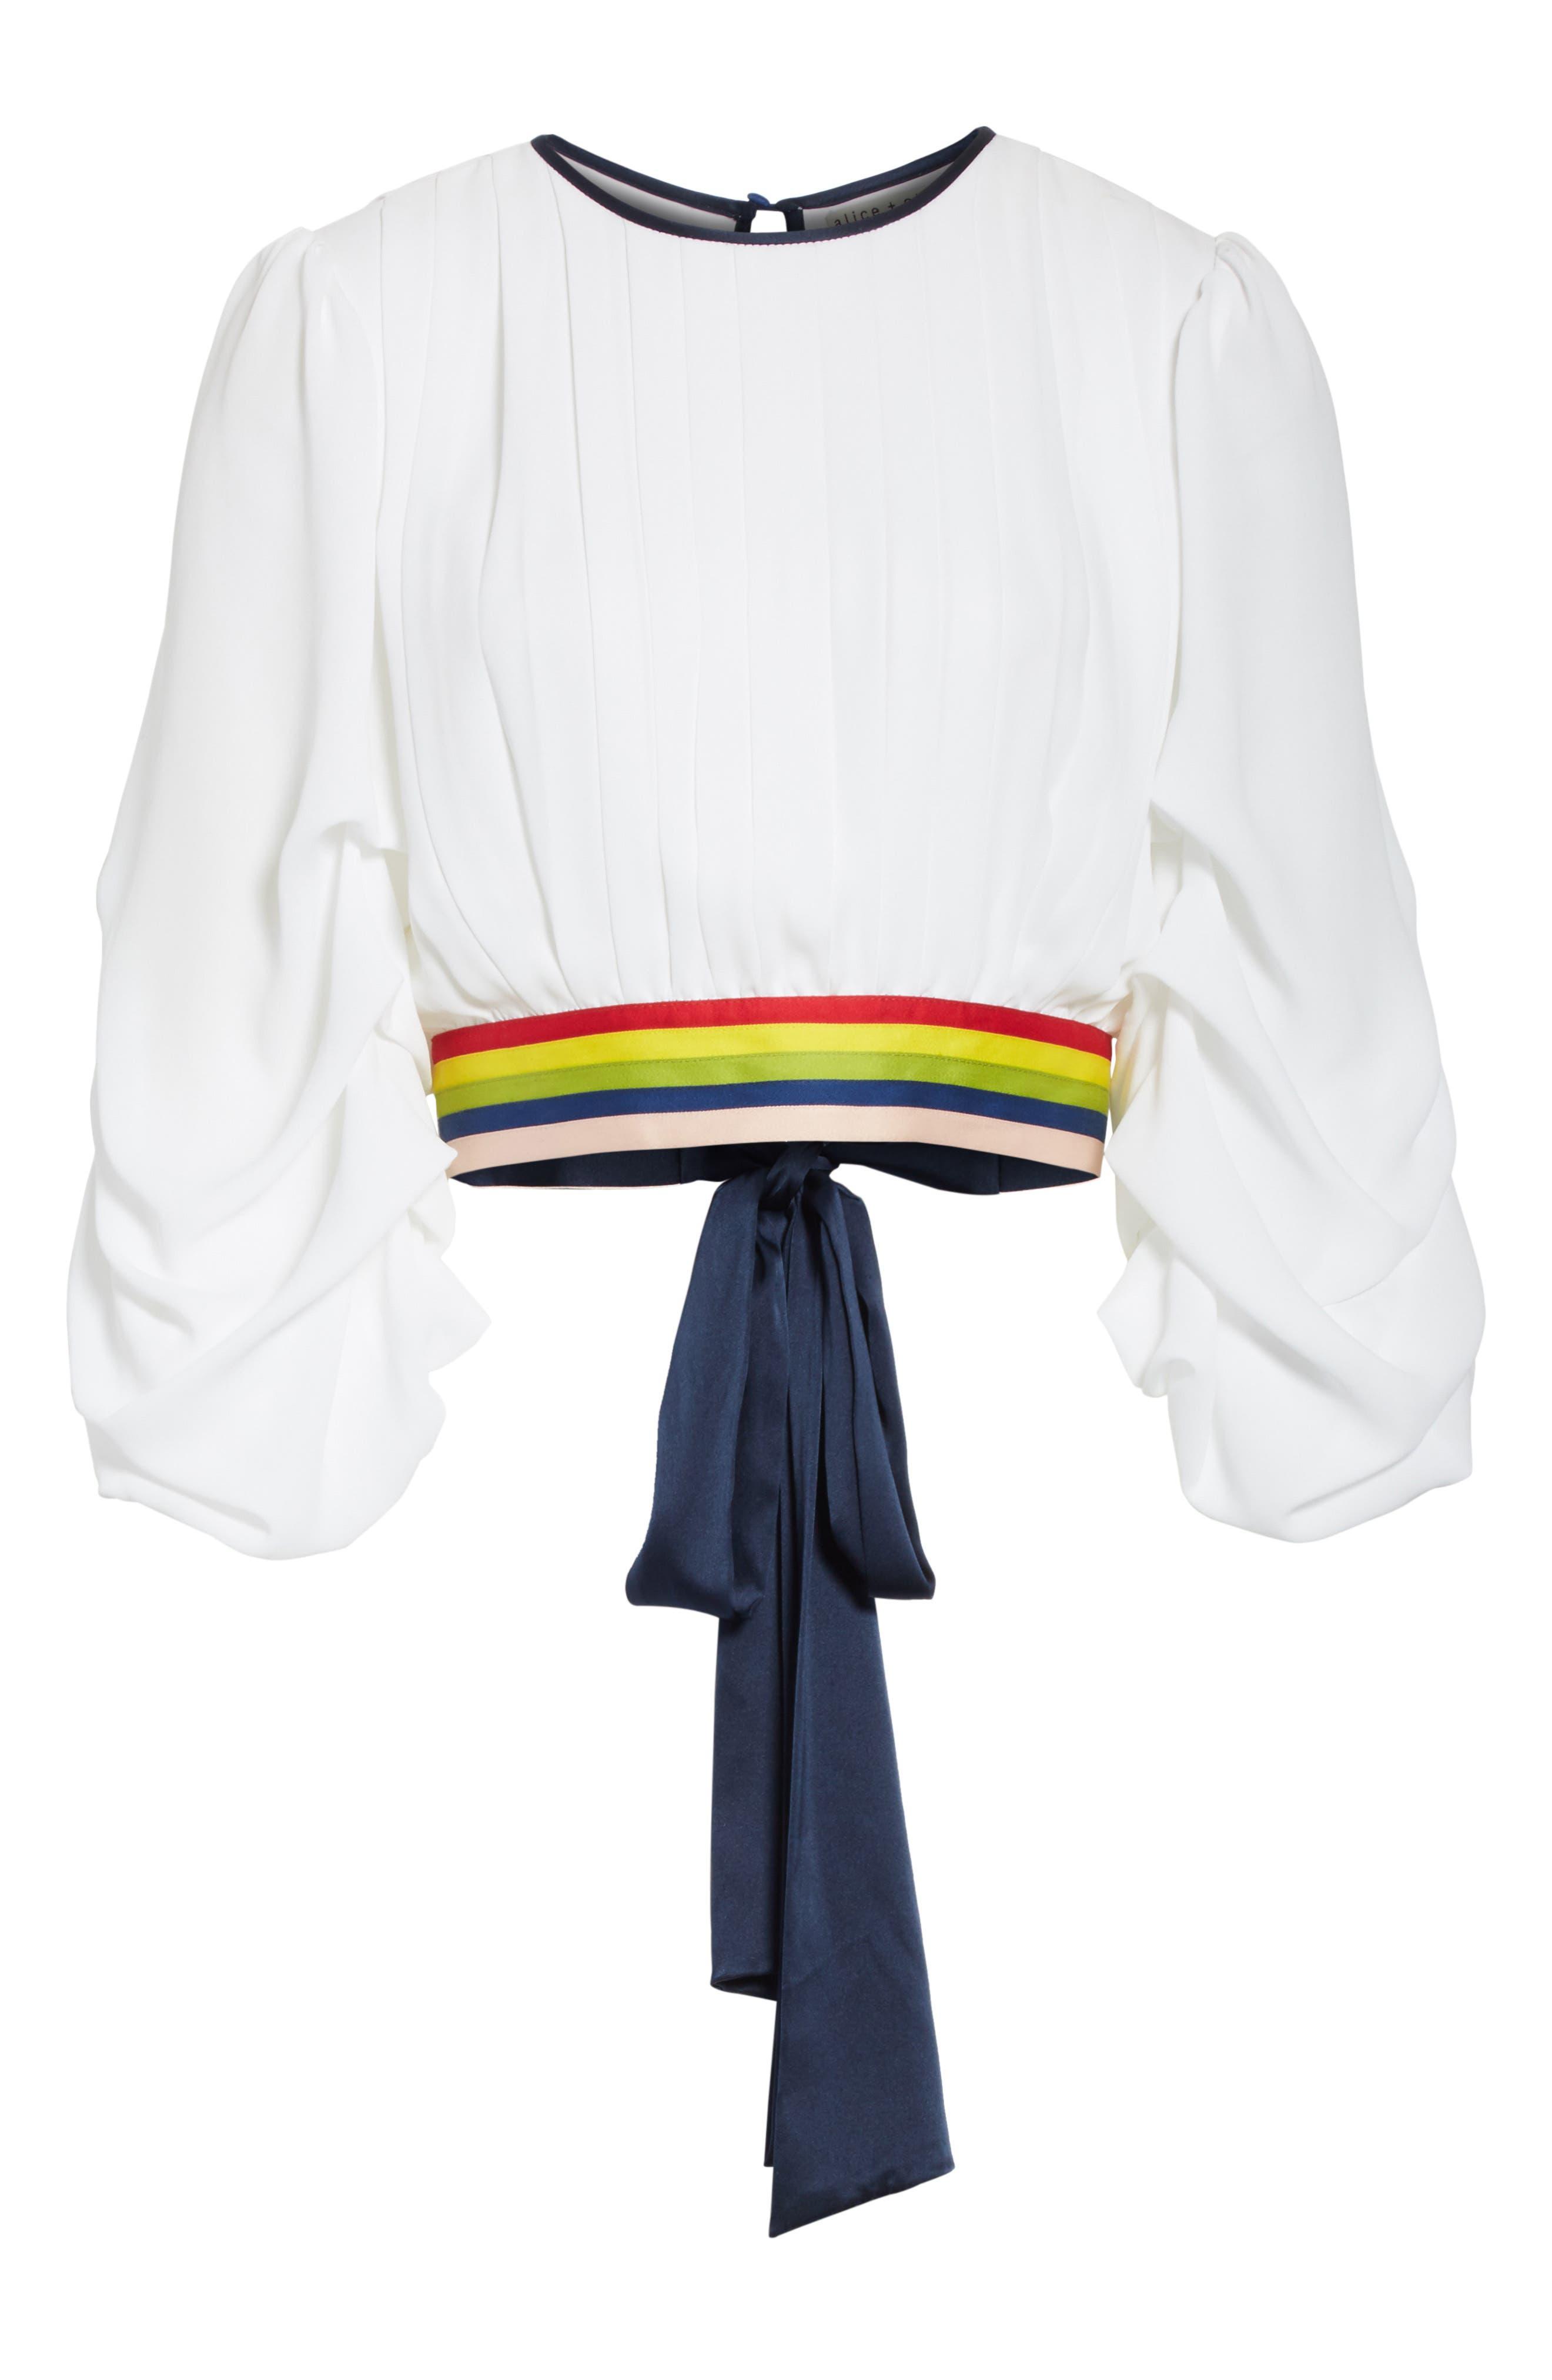 Dakota Tack Sleeve Top,                             Alternate thumbnail 6, color,                             White/ Multi